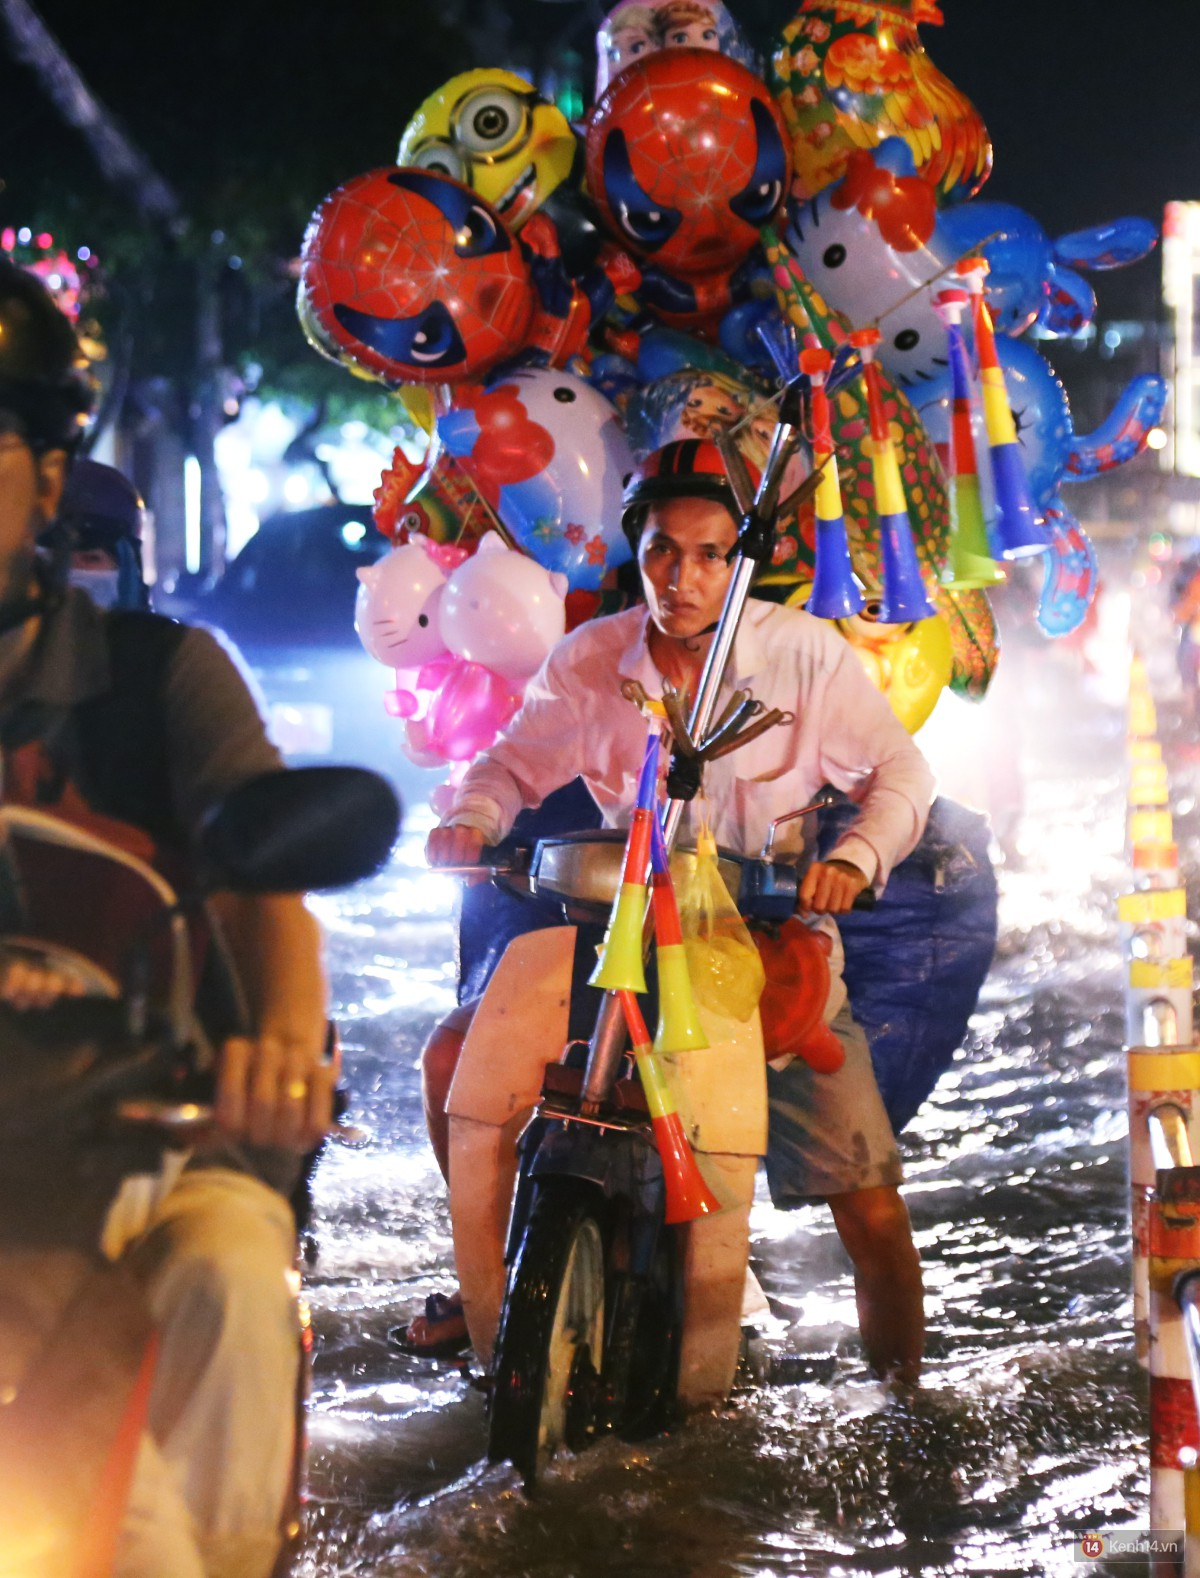 Nữ sinh ở Sài Gòn loạng choạng, suýt té vì ô tô di chuyển tạo sóng trên đường ngập như sông - Ảnh 10.